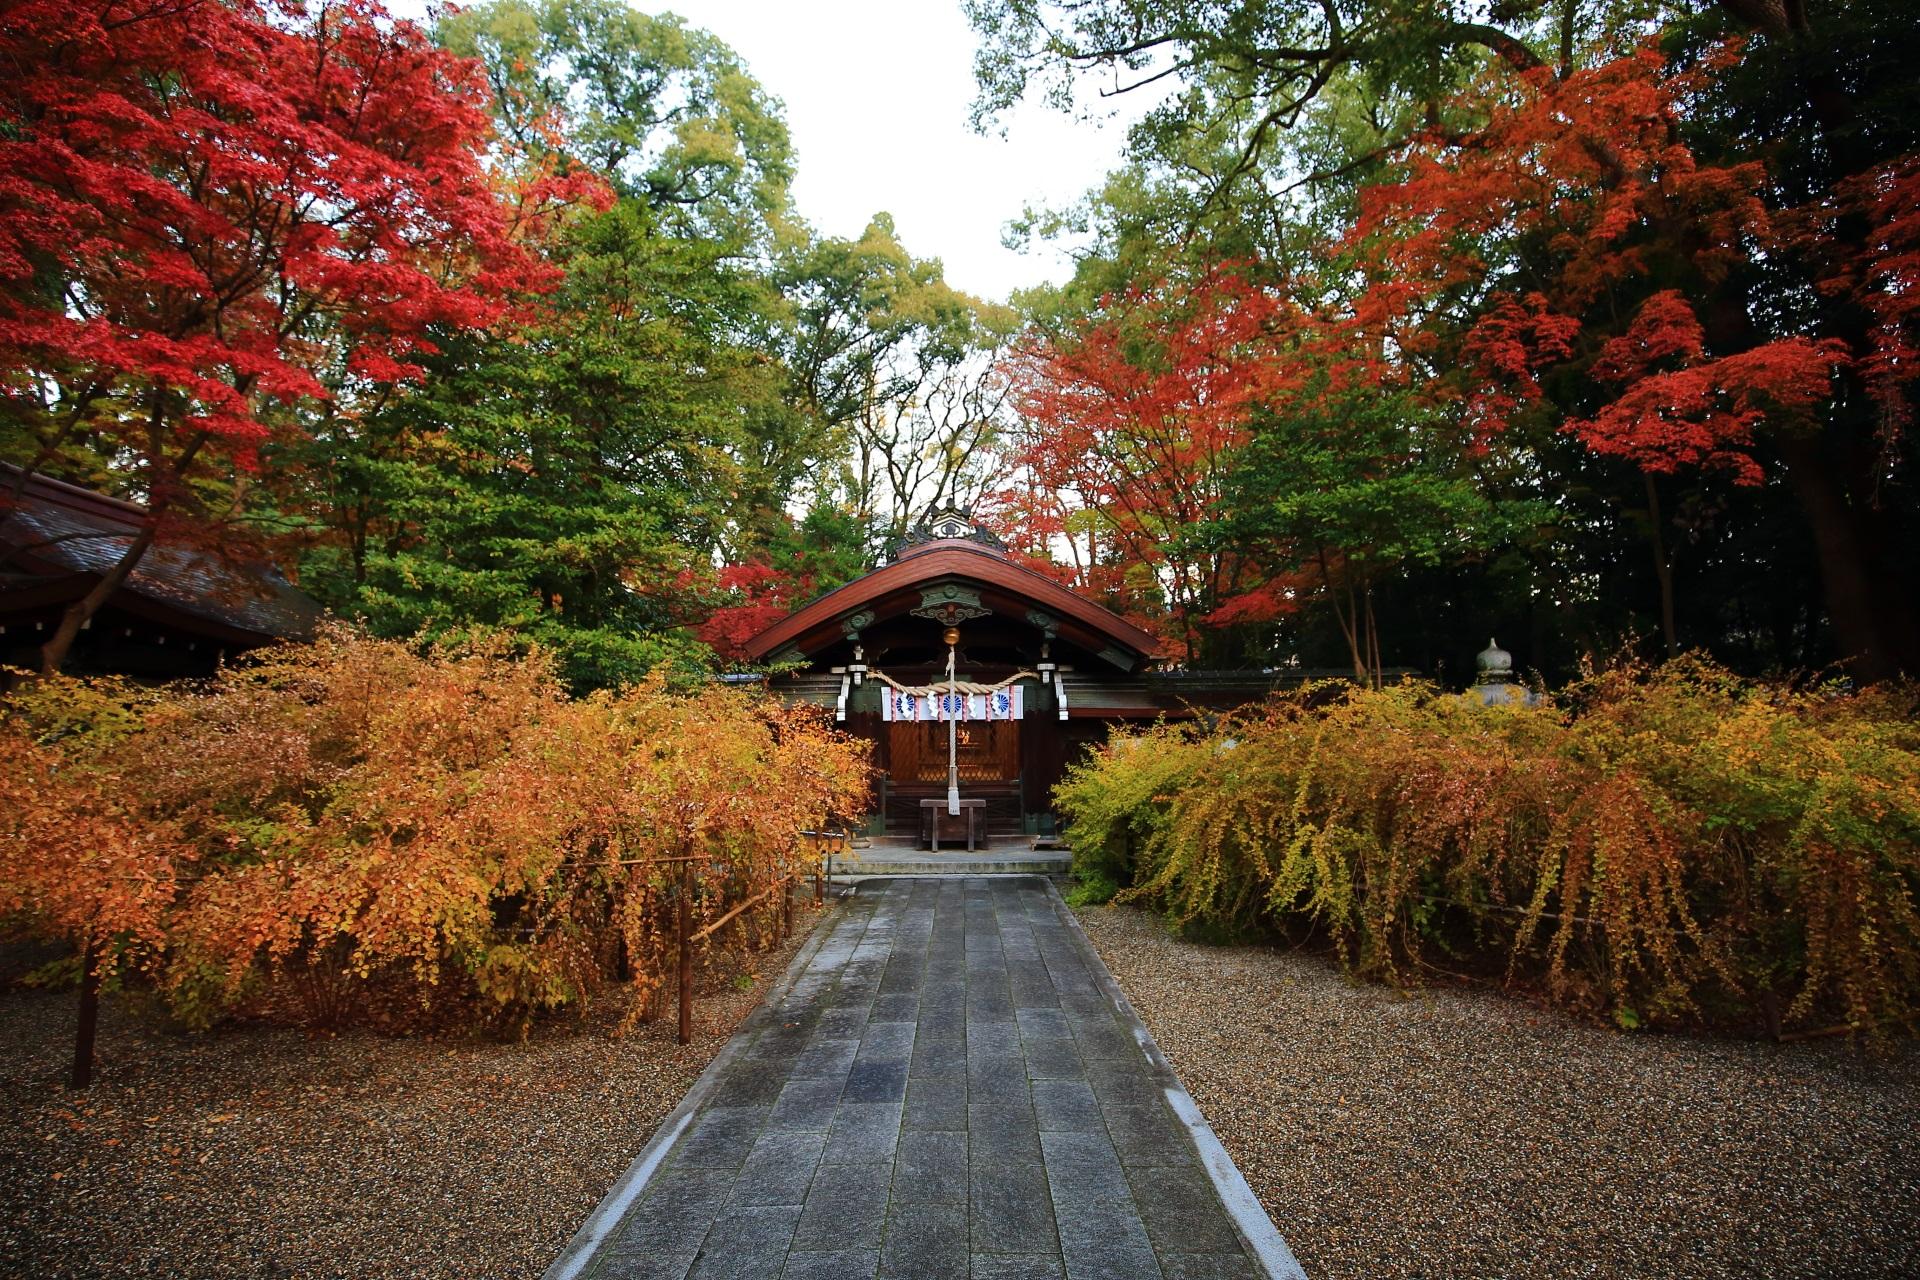 梨木神社の素晴らしい紅葉と色とりどりの秋の情景